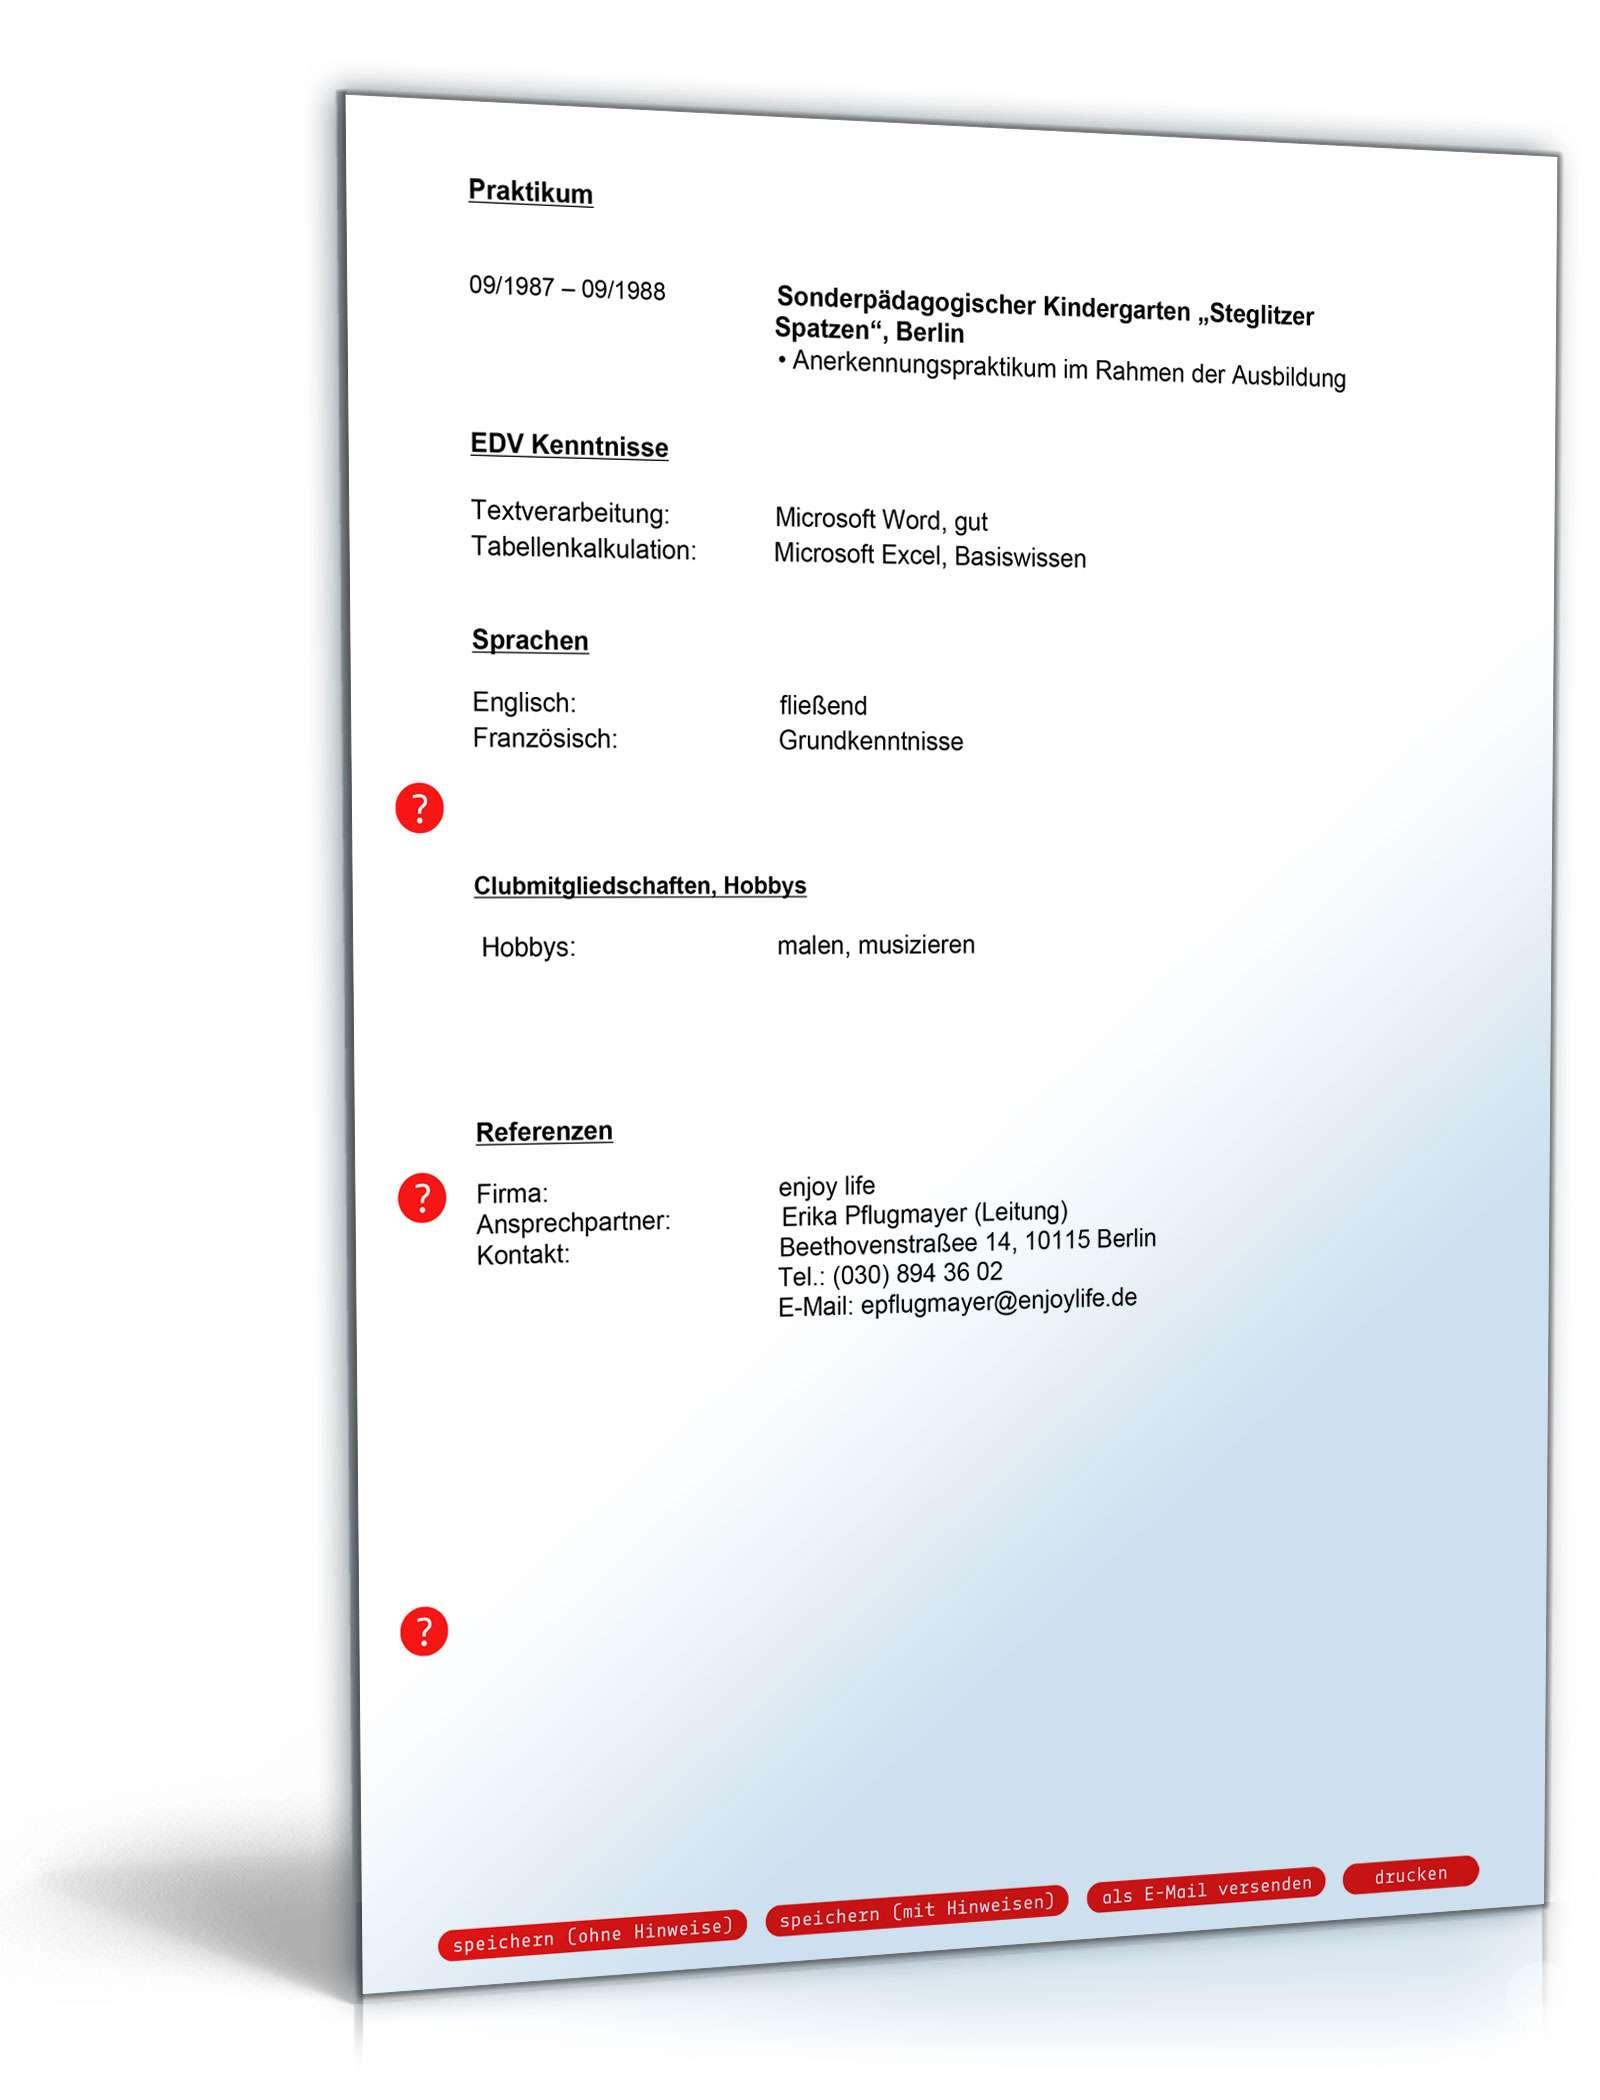 Lebenslauf Heilerziehungspfleger | Muster zum Download